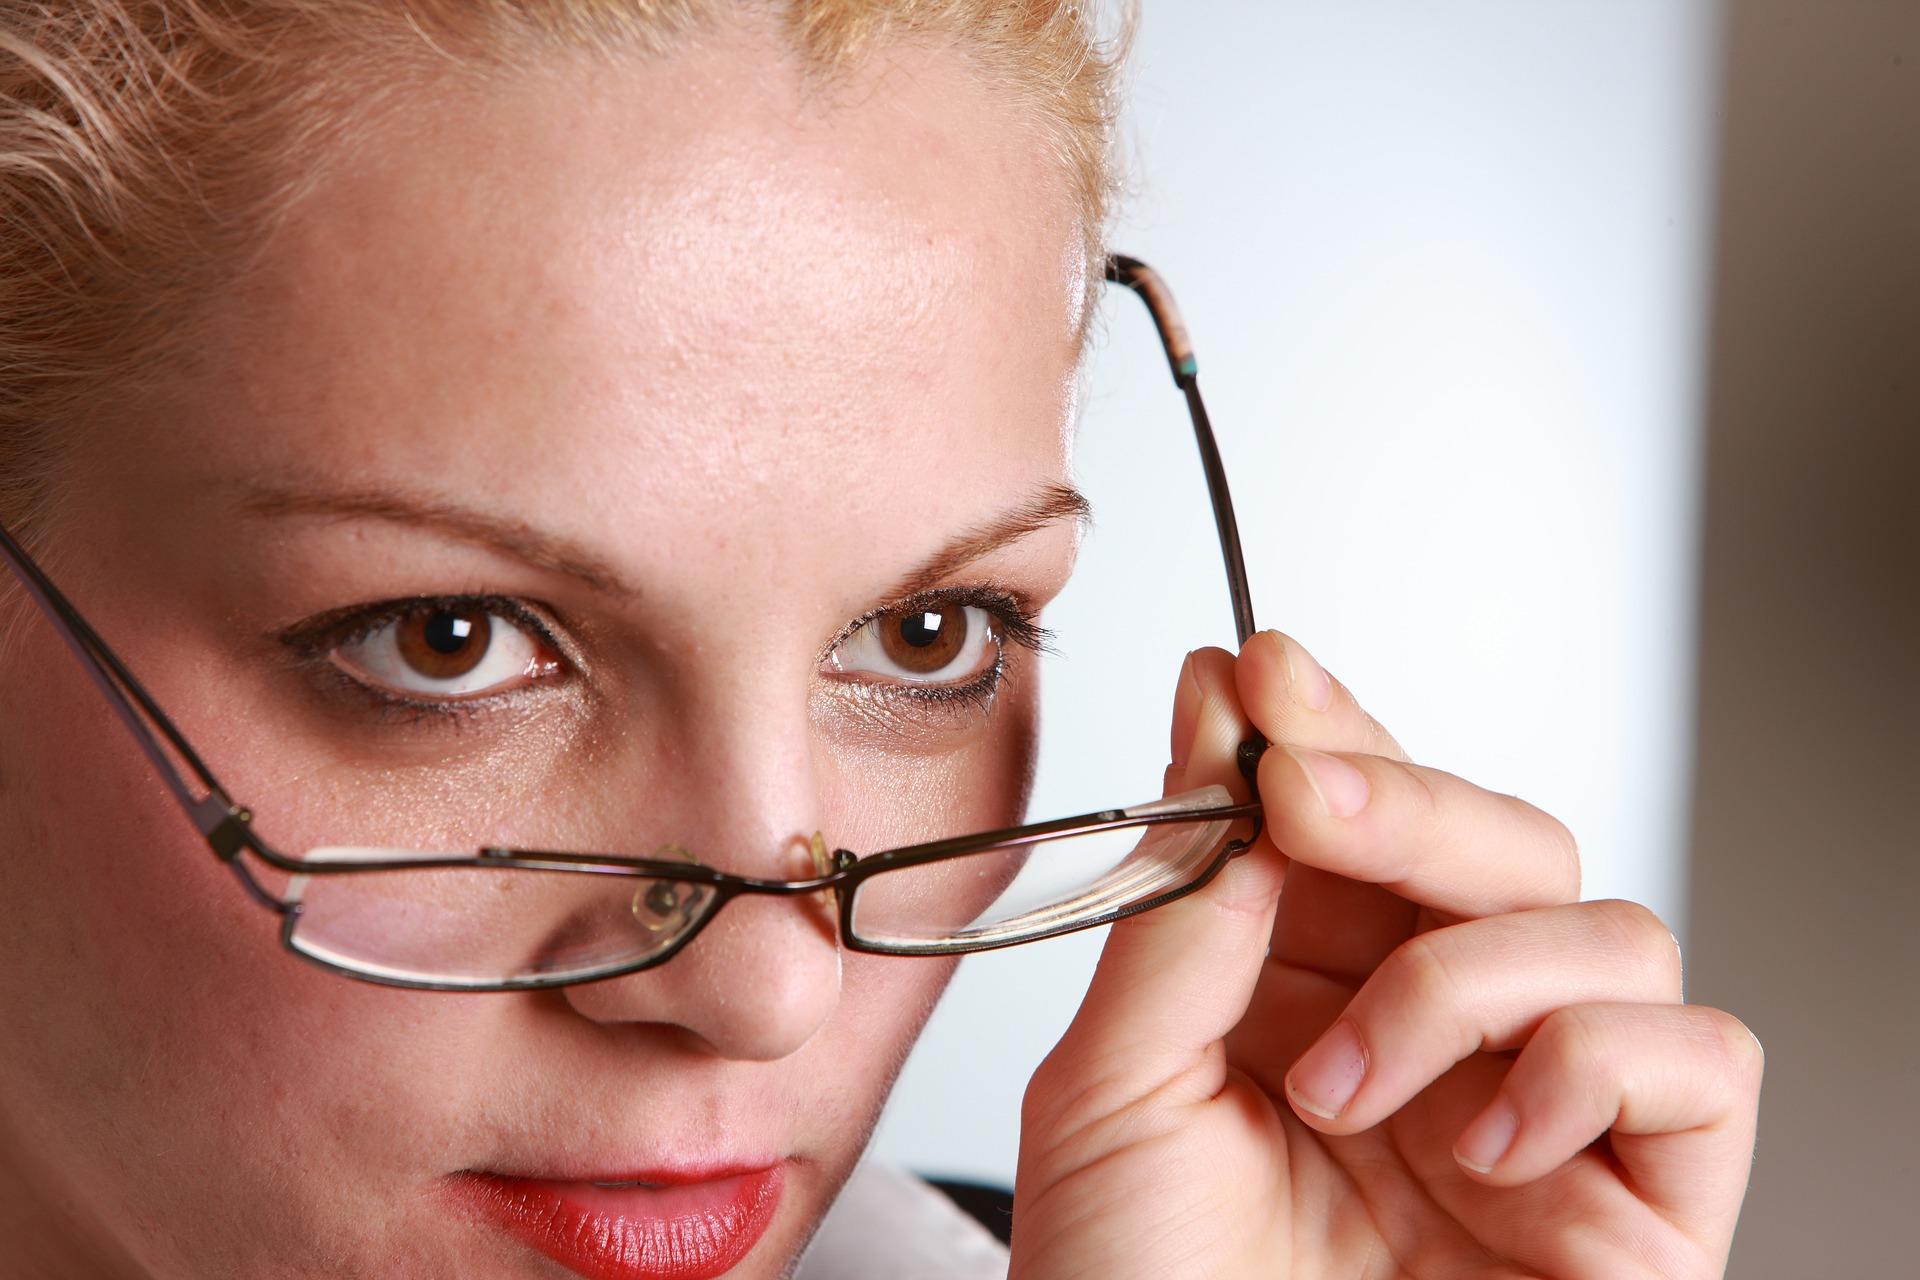 学习时才戴眼镜?耳穴贴根治近视?是时候告诉你真相了